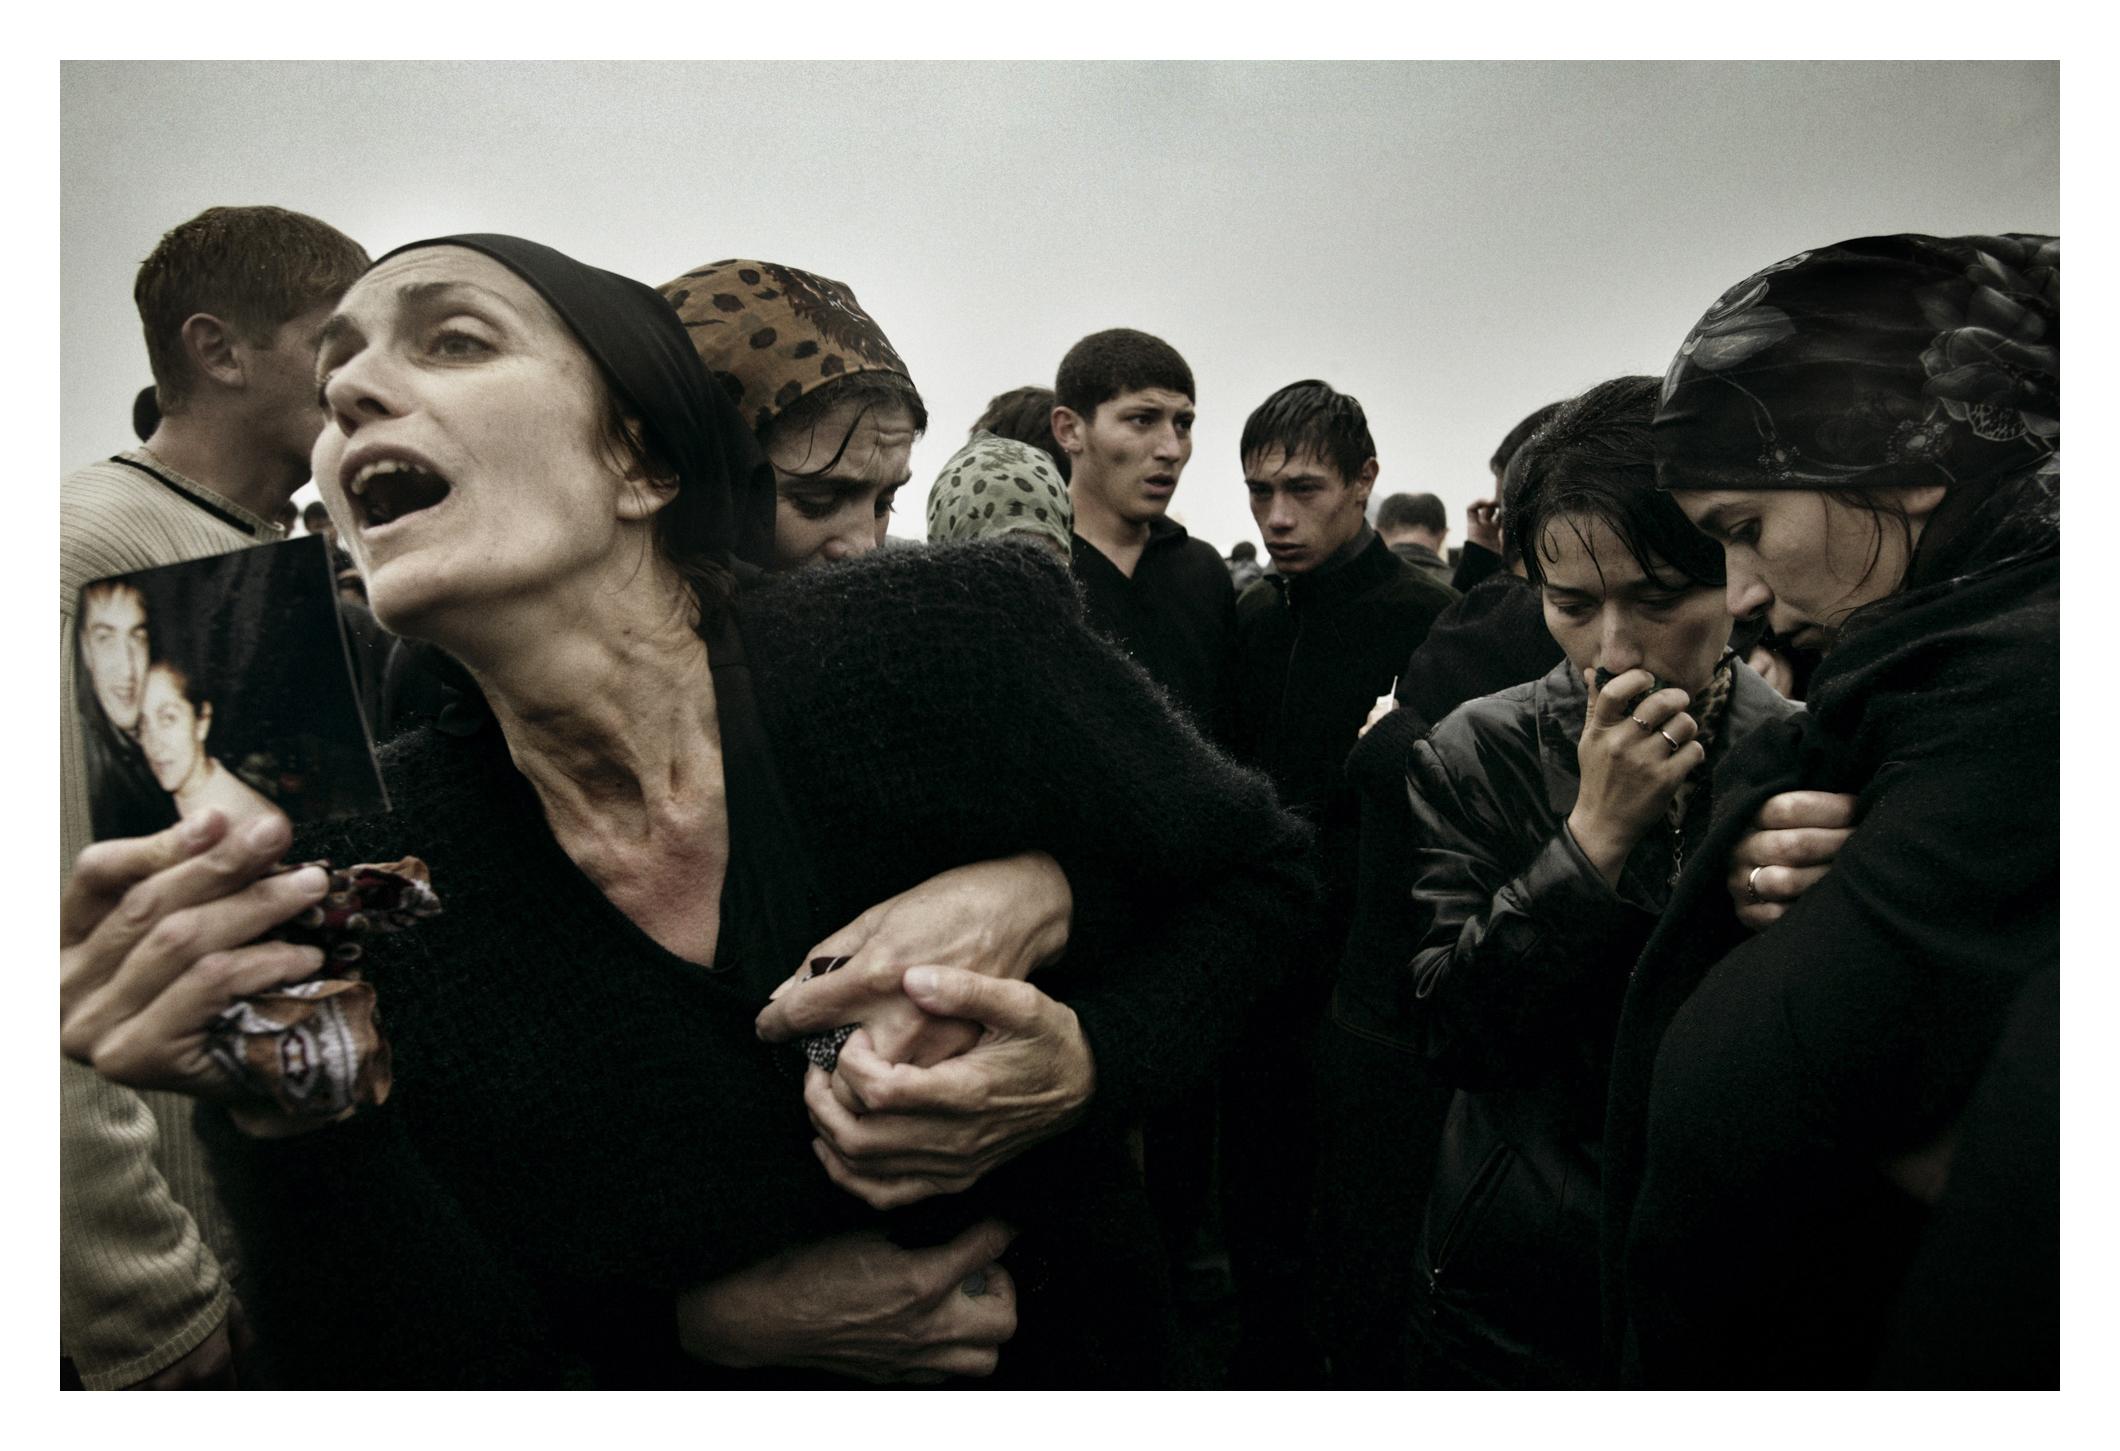 Beslan, North Ossetia Sept. 5, 2004.